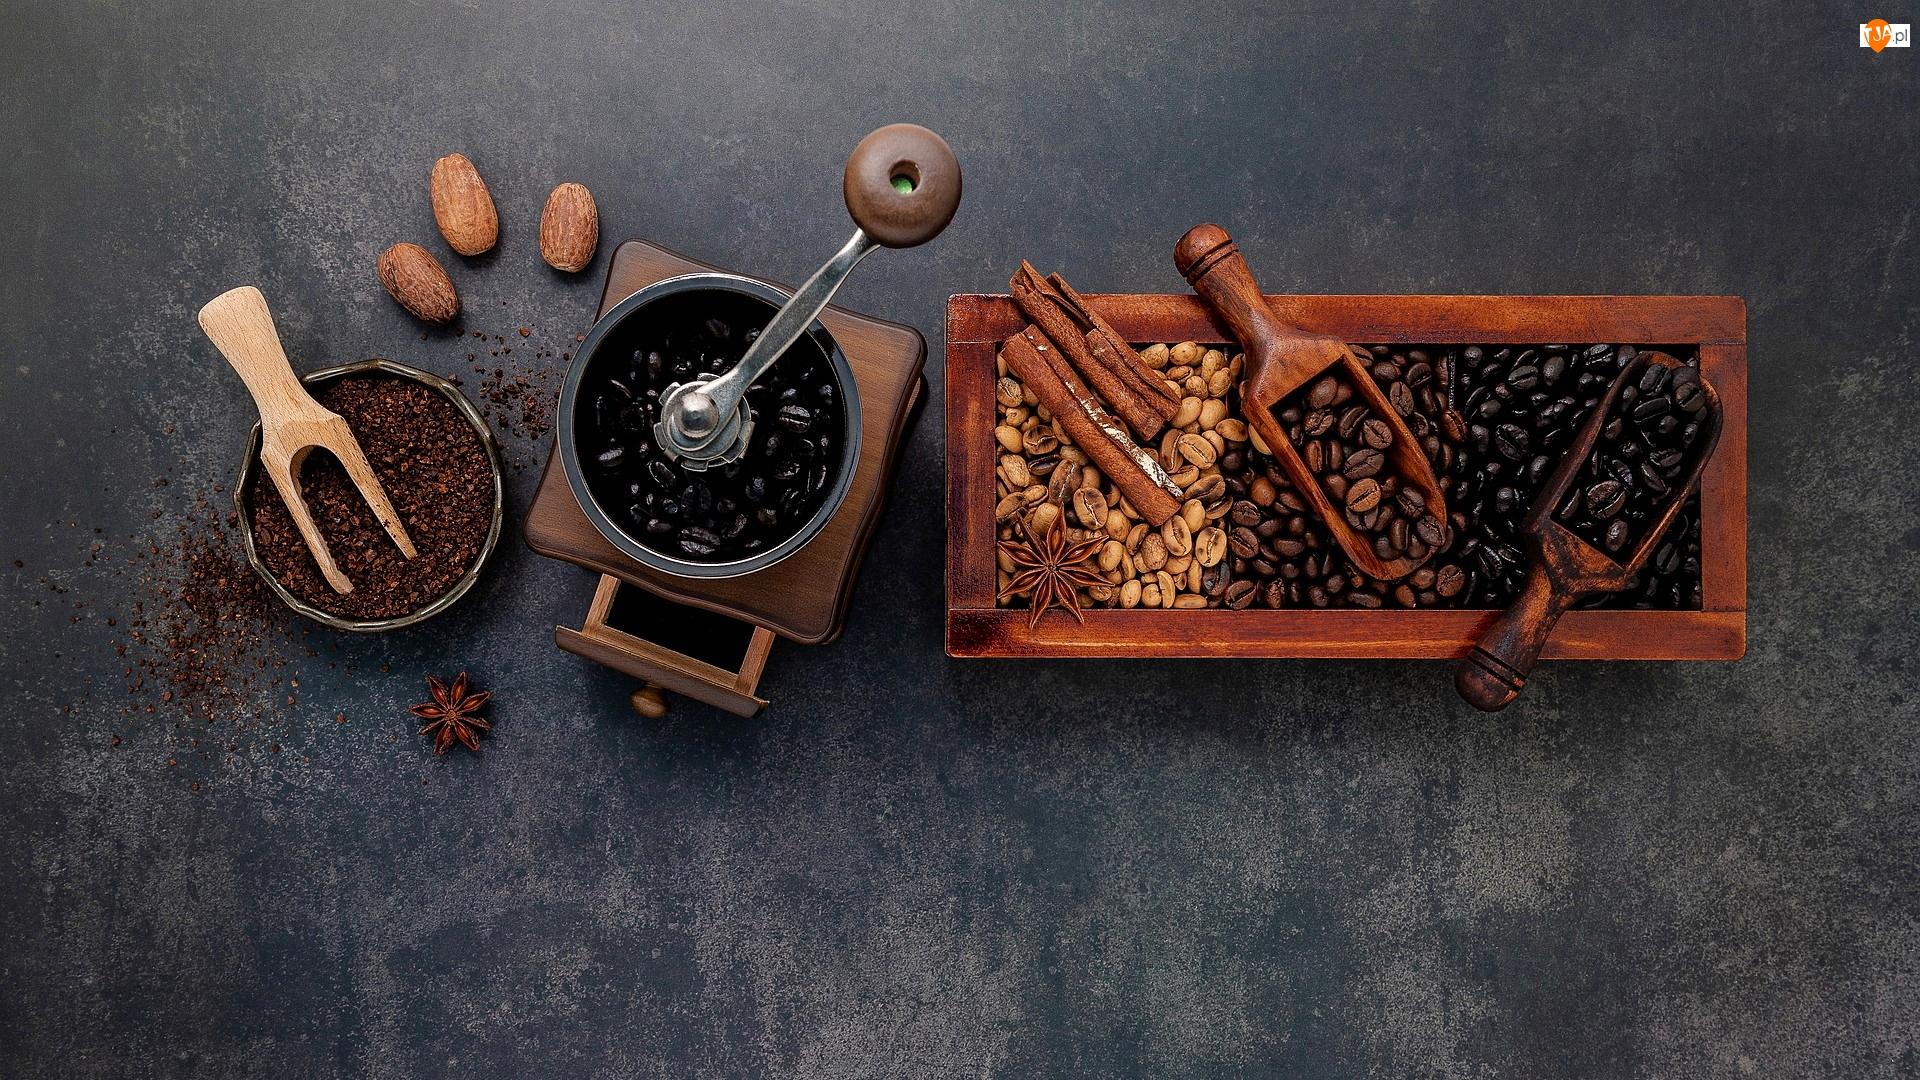 Kawa, Młynek, Kompozycja, Ziarenka, Anyż, Cynamon, Łopatki